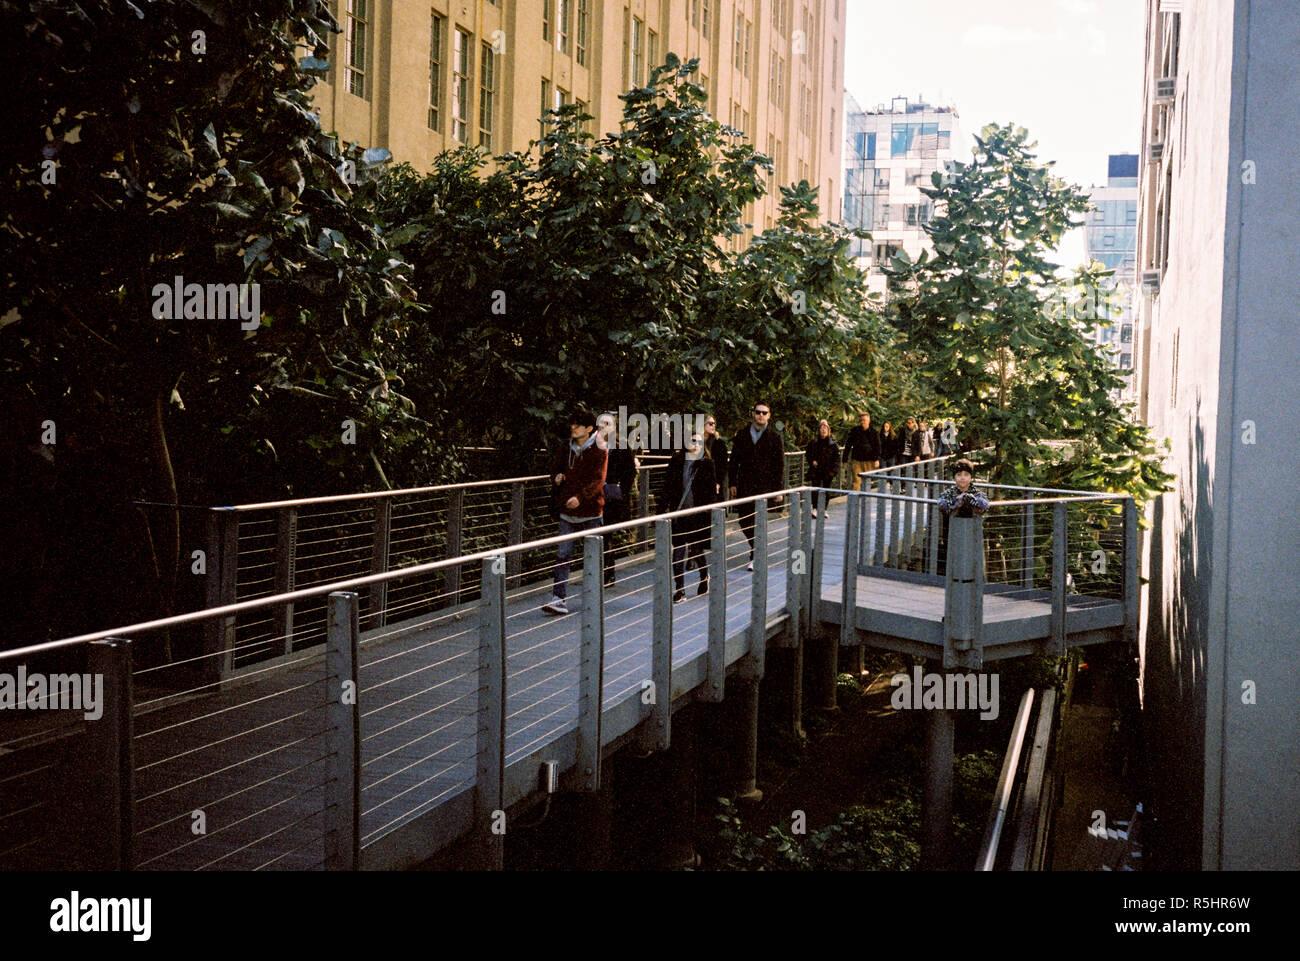 La High Line Park una pasarela construida sobre un antiguo ferrocarril elevado, Chelsea, Nueva York, Estados Unidos de América. Foto de stock